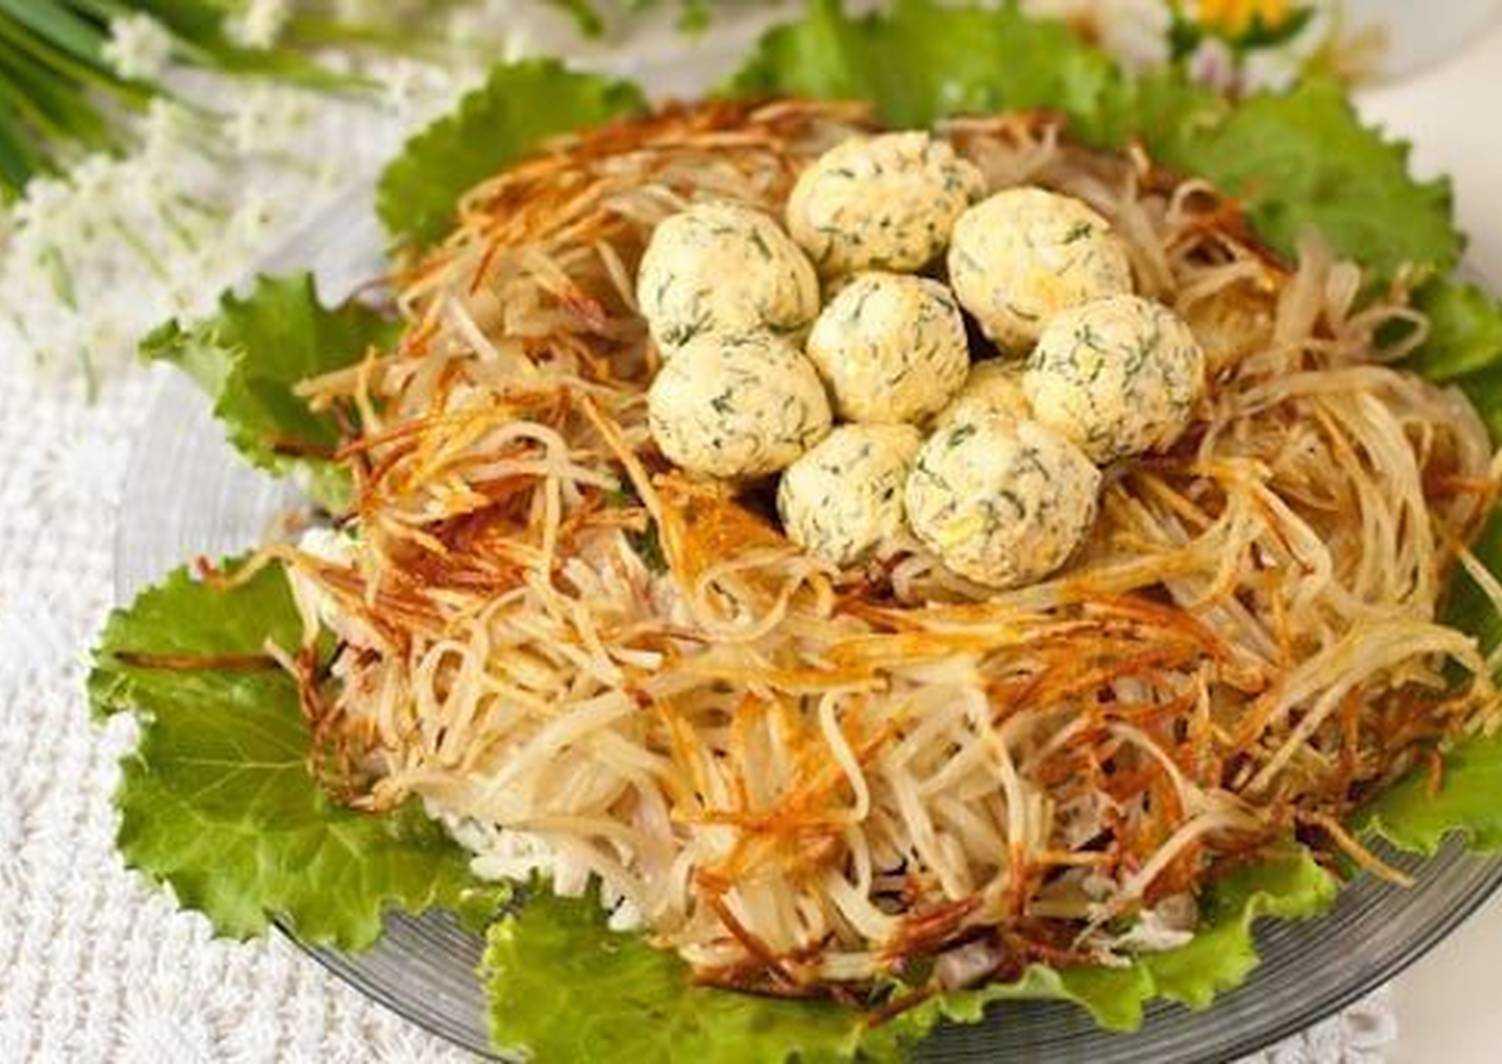 Салат гнездо глухаря: классический рецепт с фото пошагово